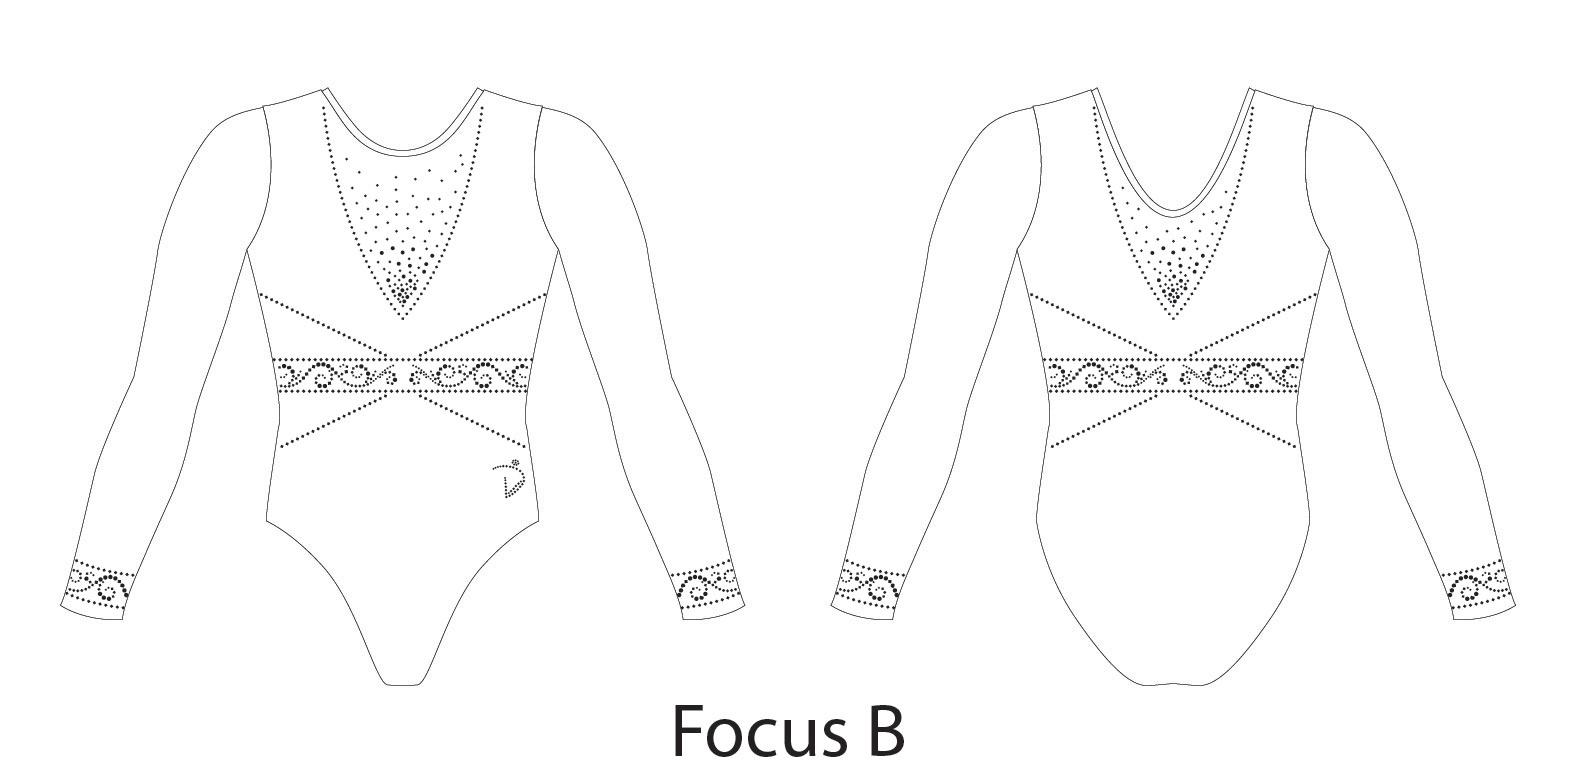 Focus B